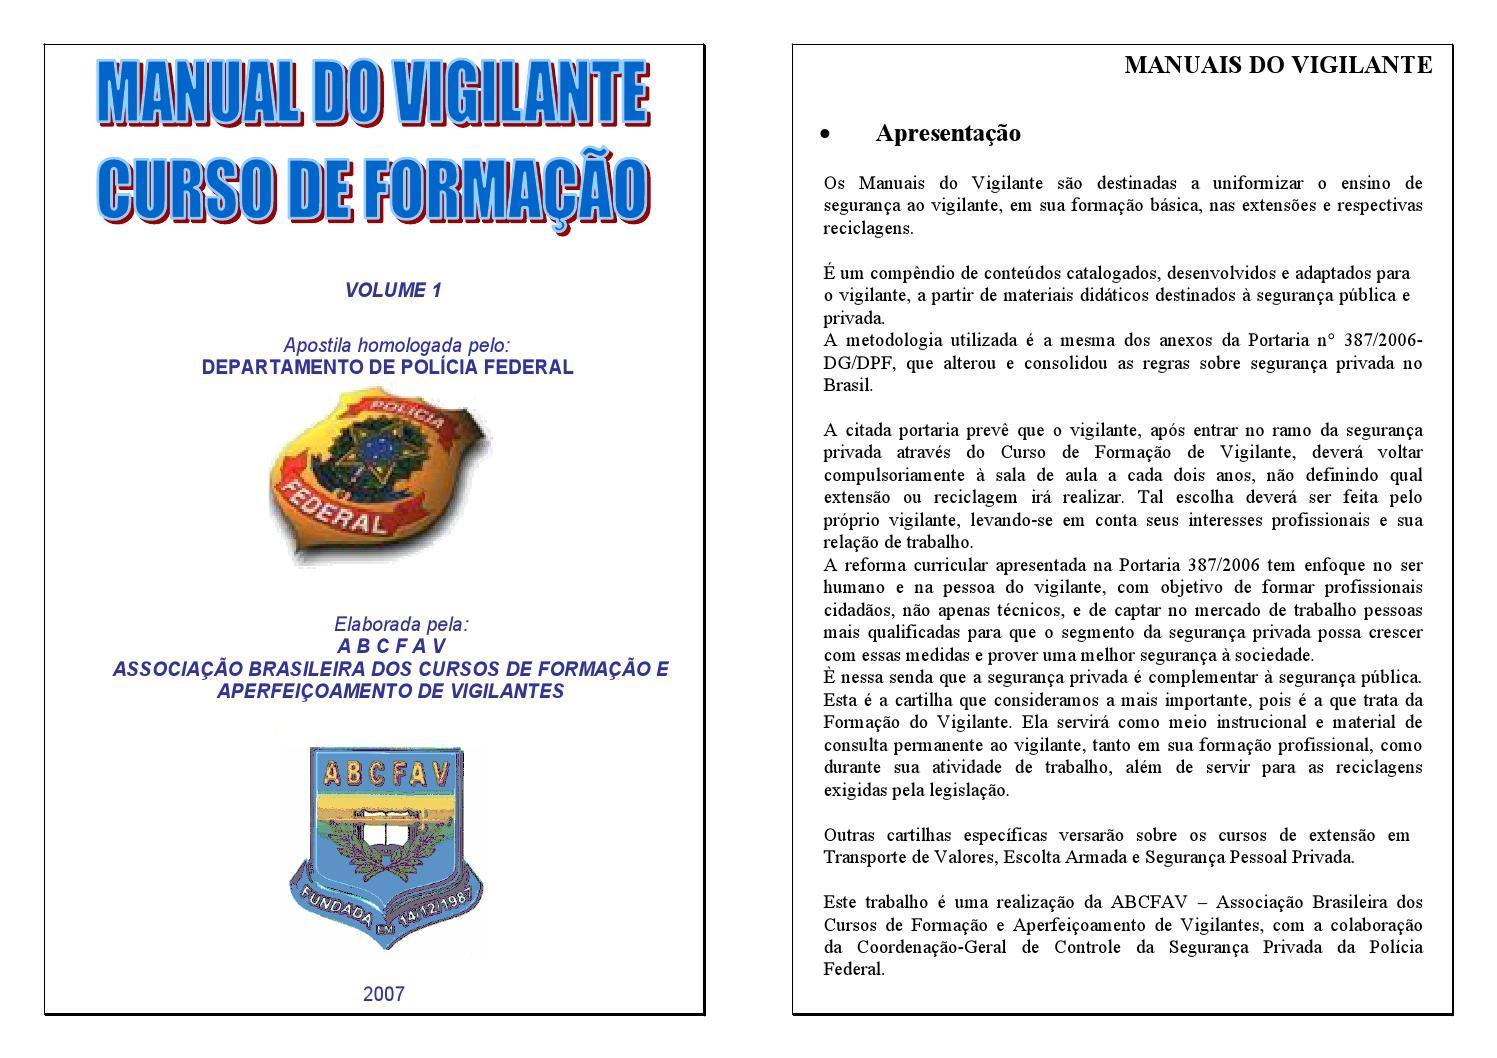 7661e7684b4 Manual do vigilante (11)98950 3543 by vigilância portaria - issuu